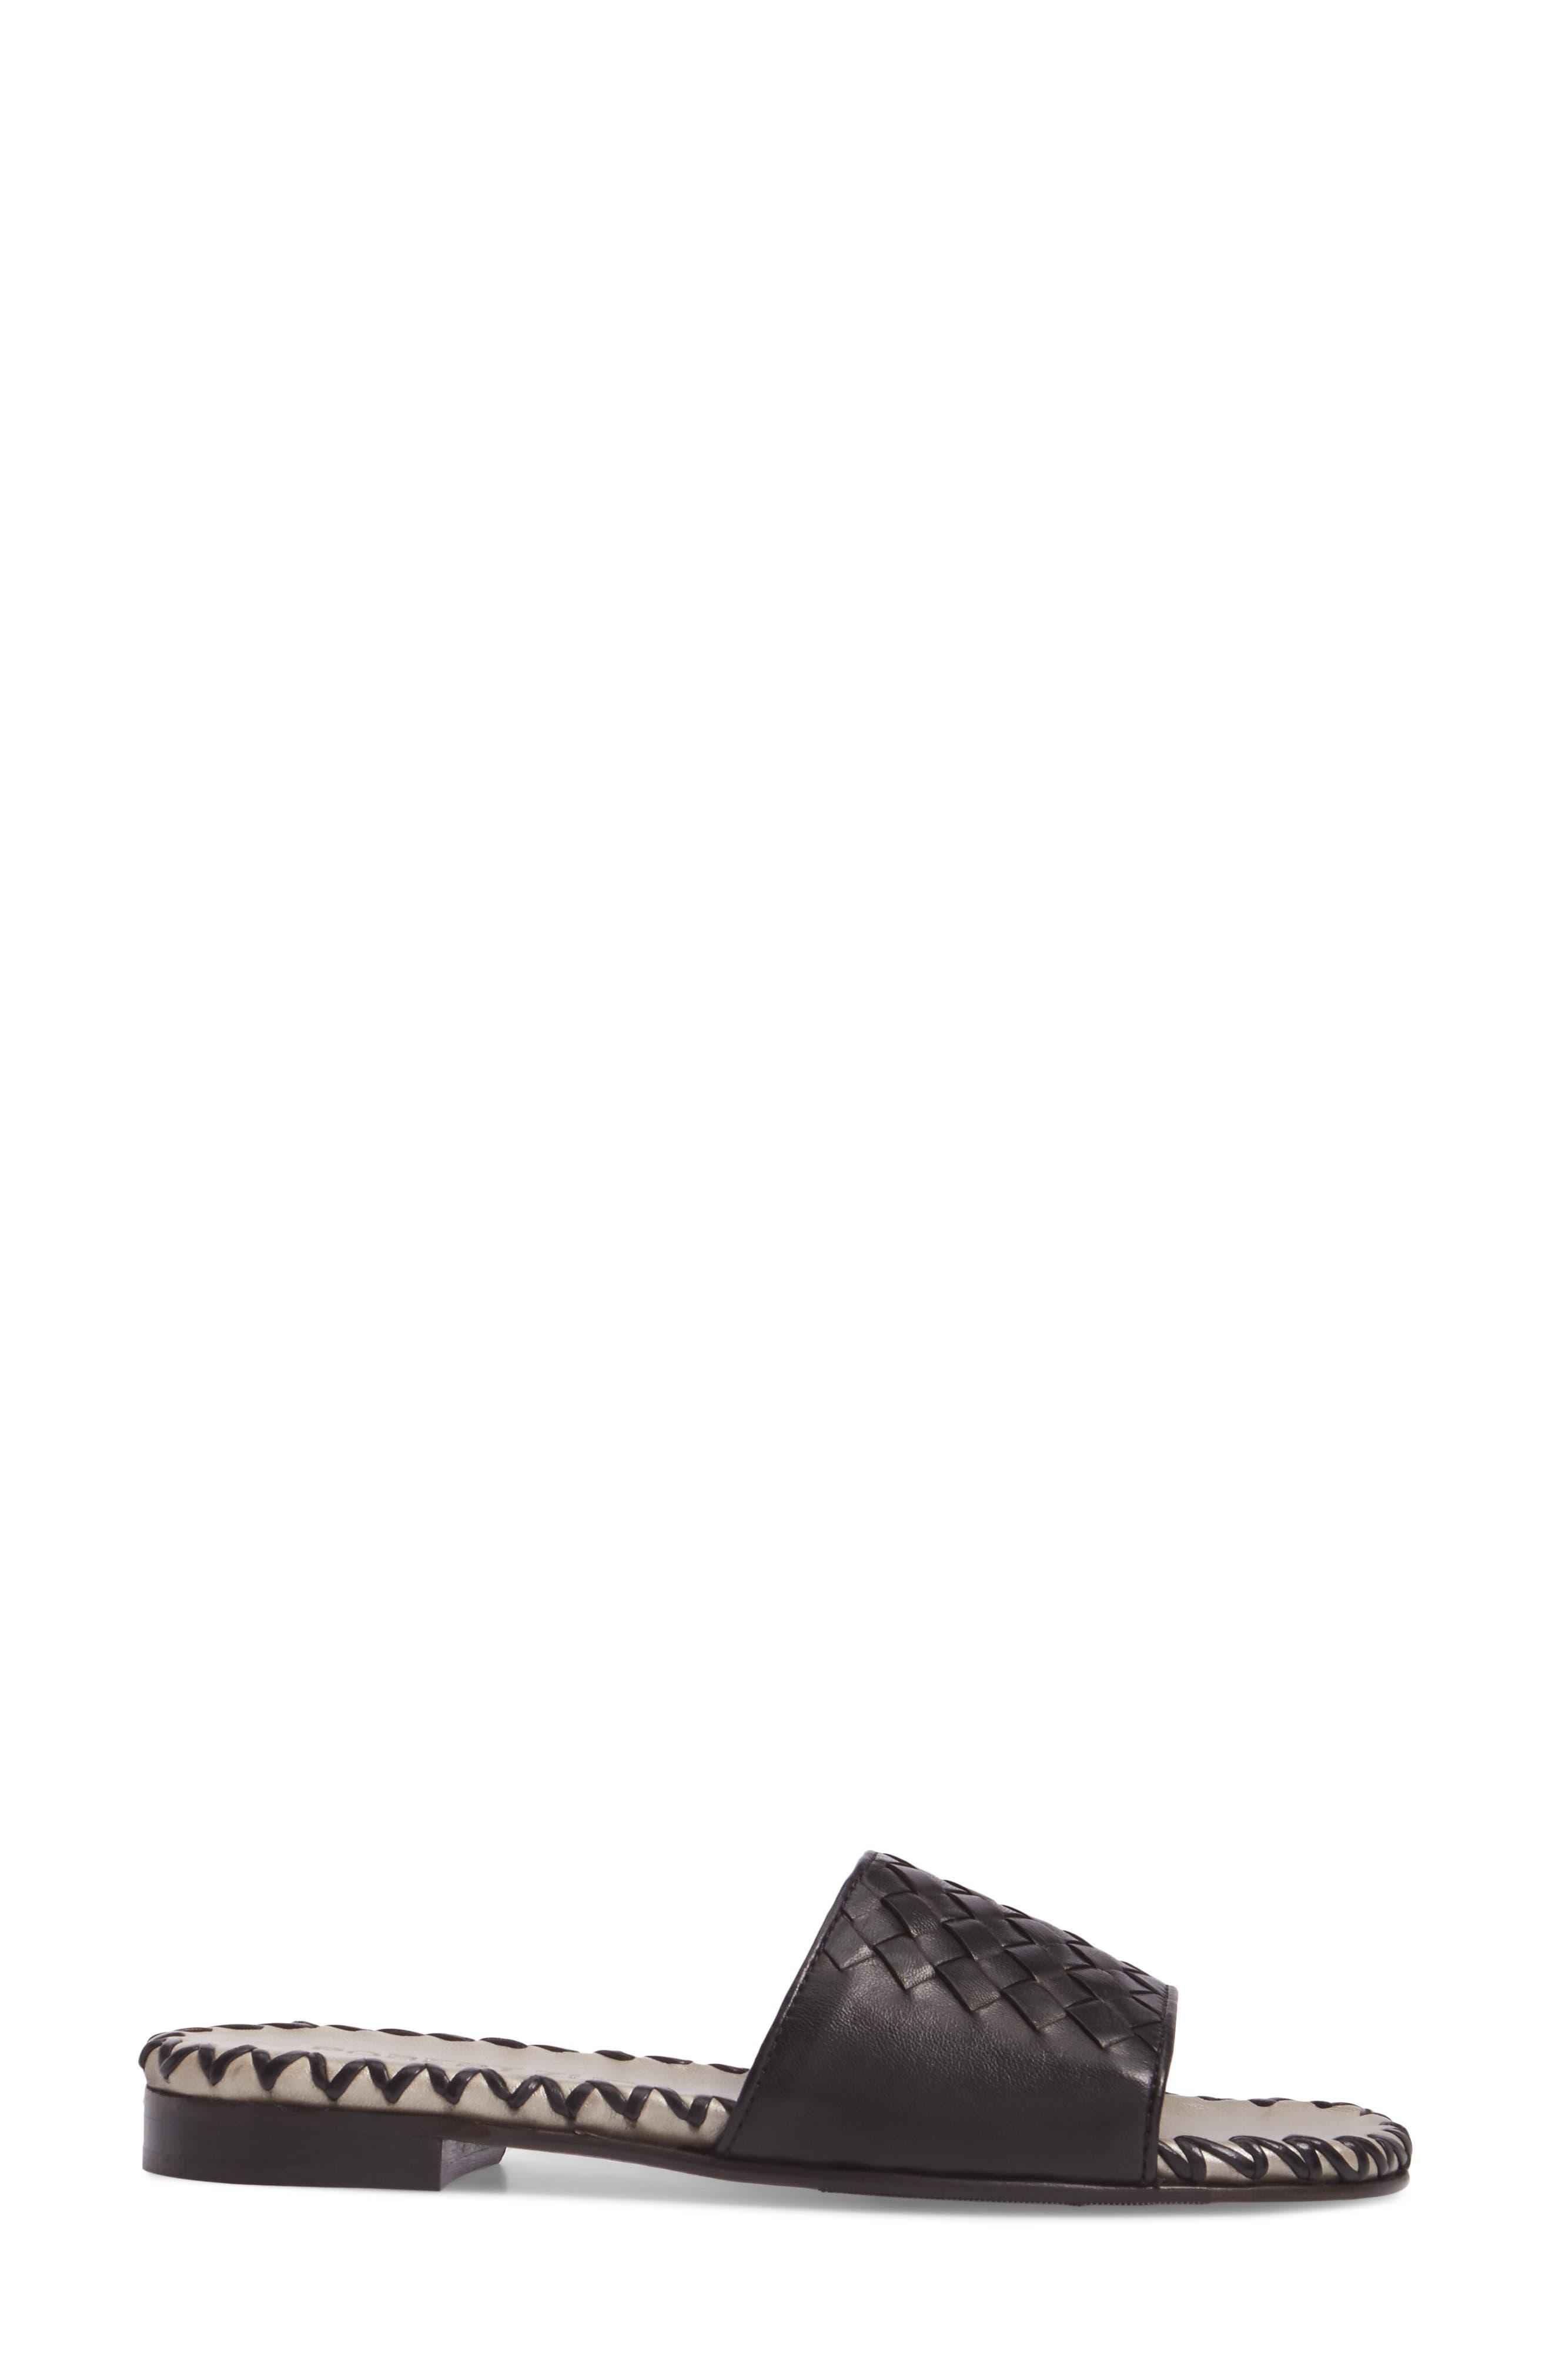 Matilda Woven Slide Sandal,                             Alternate thumbnail 3, color,                             001